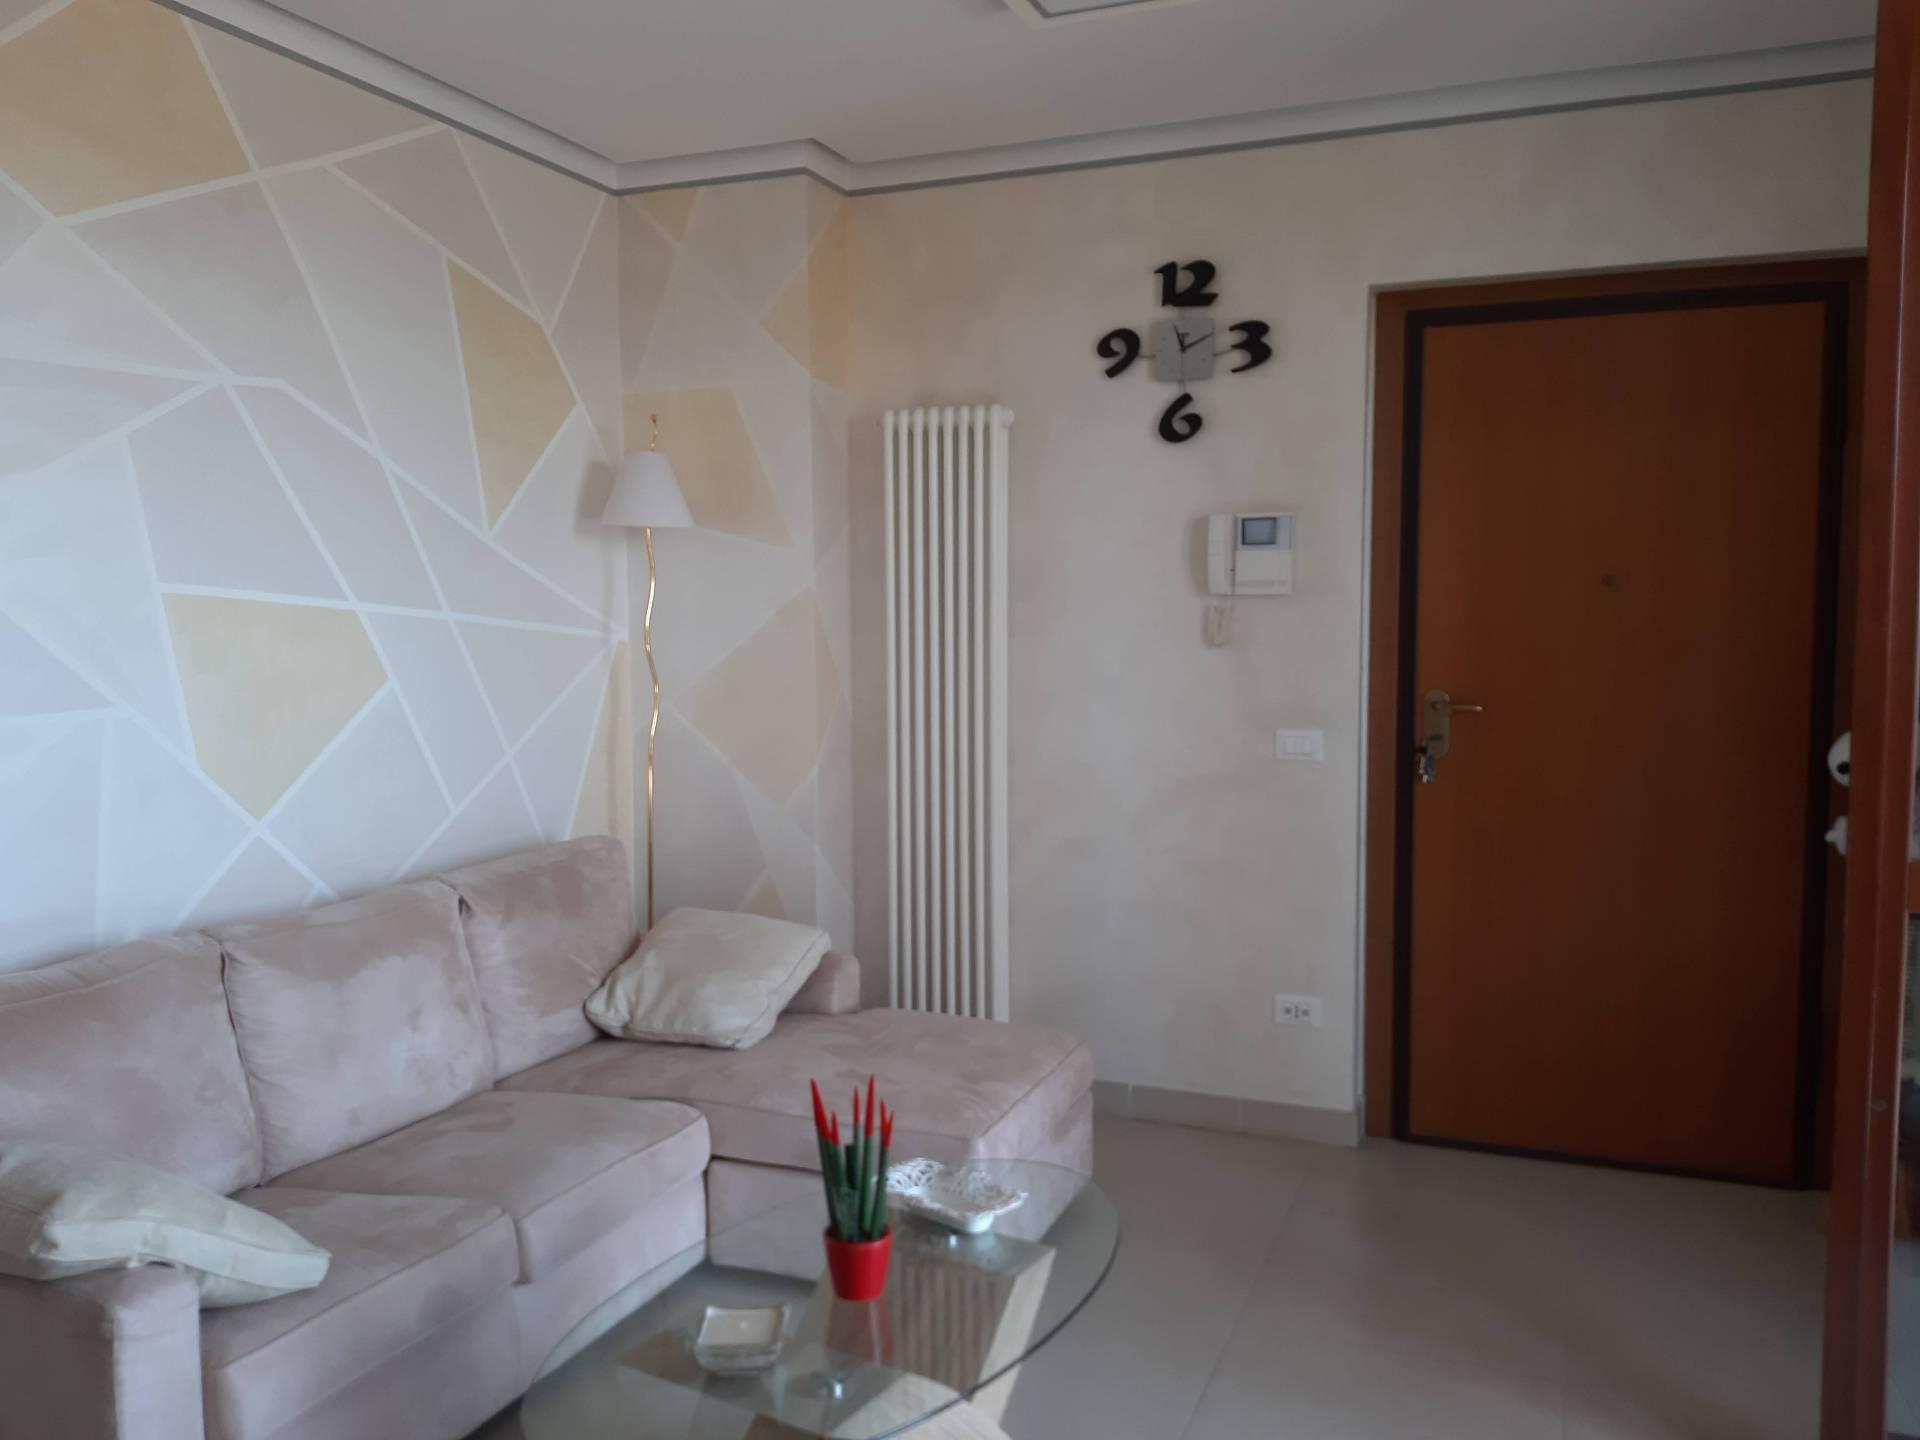 Appartamento in vendita a Agugliano, 3 locali, zona Località: Agugliano, prezzo € 185.000   CambioCasa.it